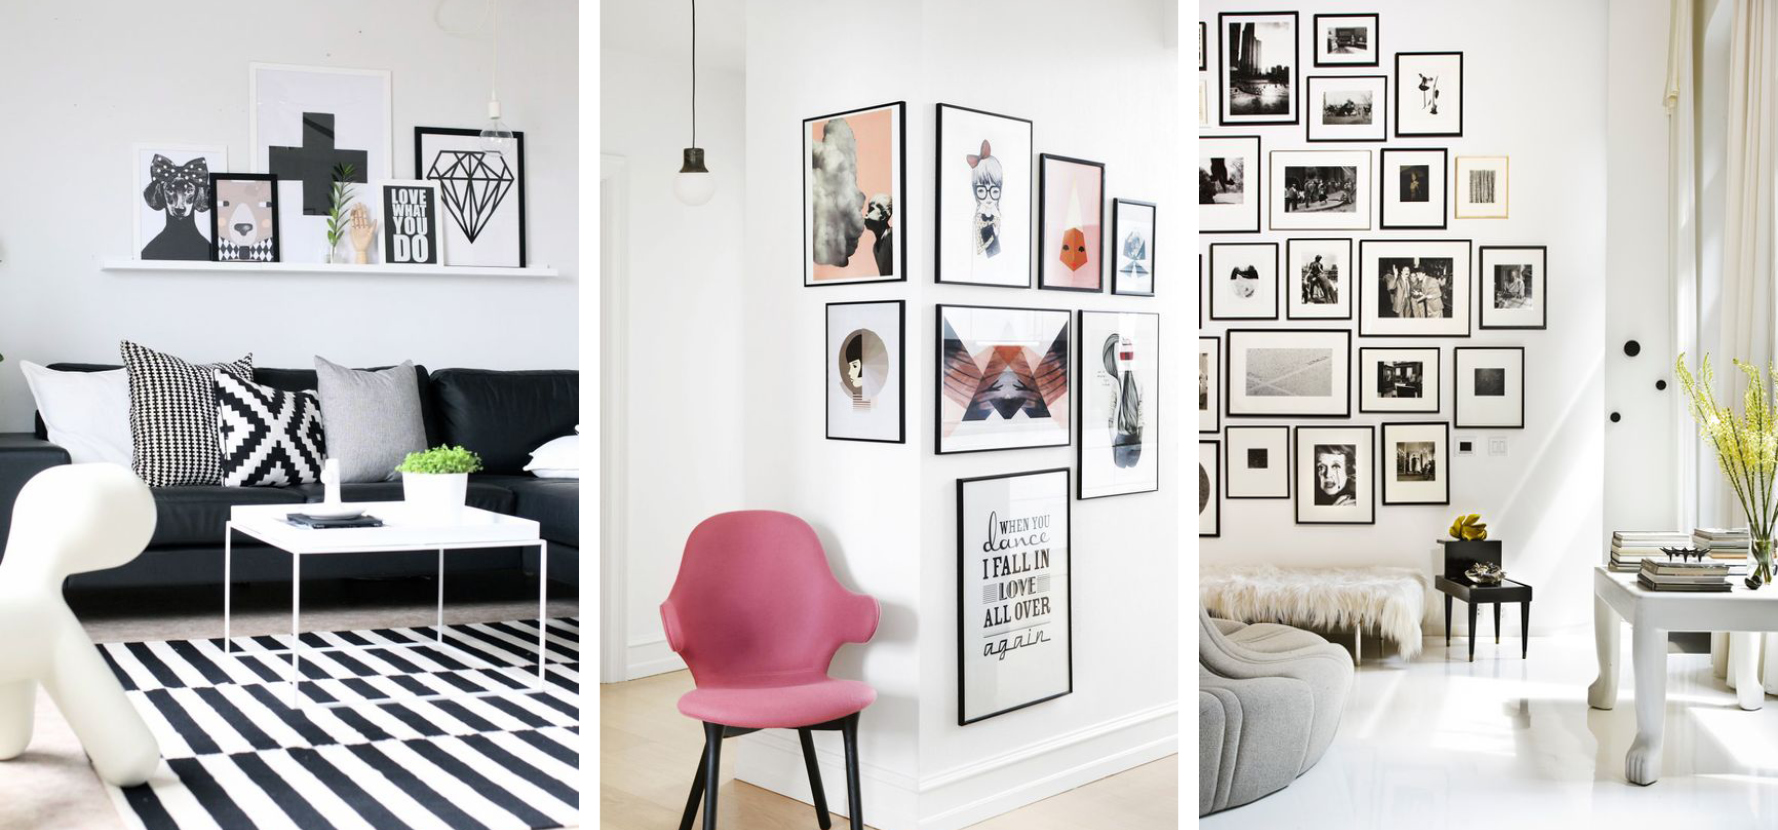 New 5 leuke manieren om je kamer te versieren met foto's - By José Chan @WR07